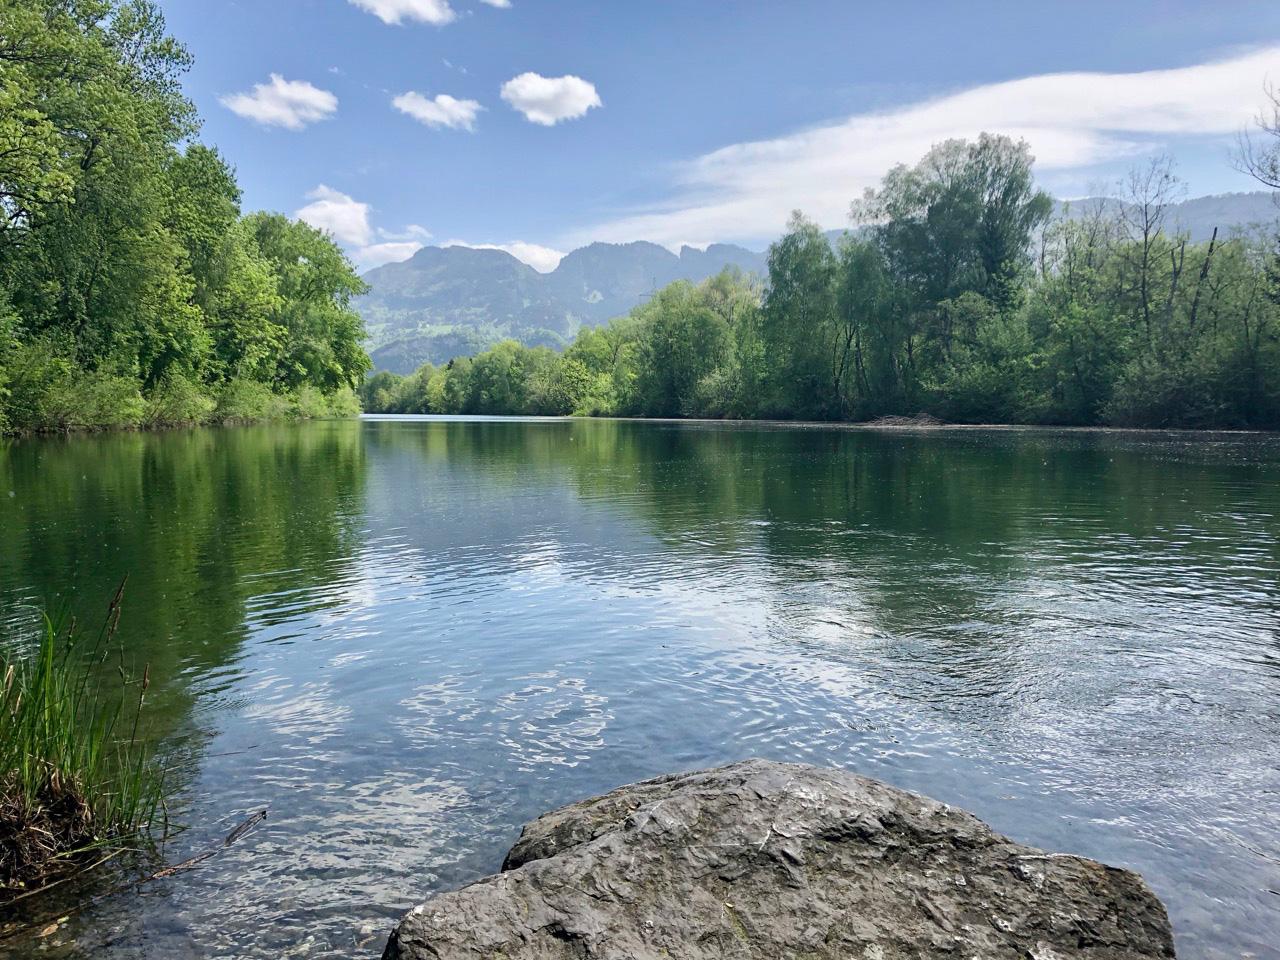 Naturschutzgebiet Altach?